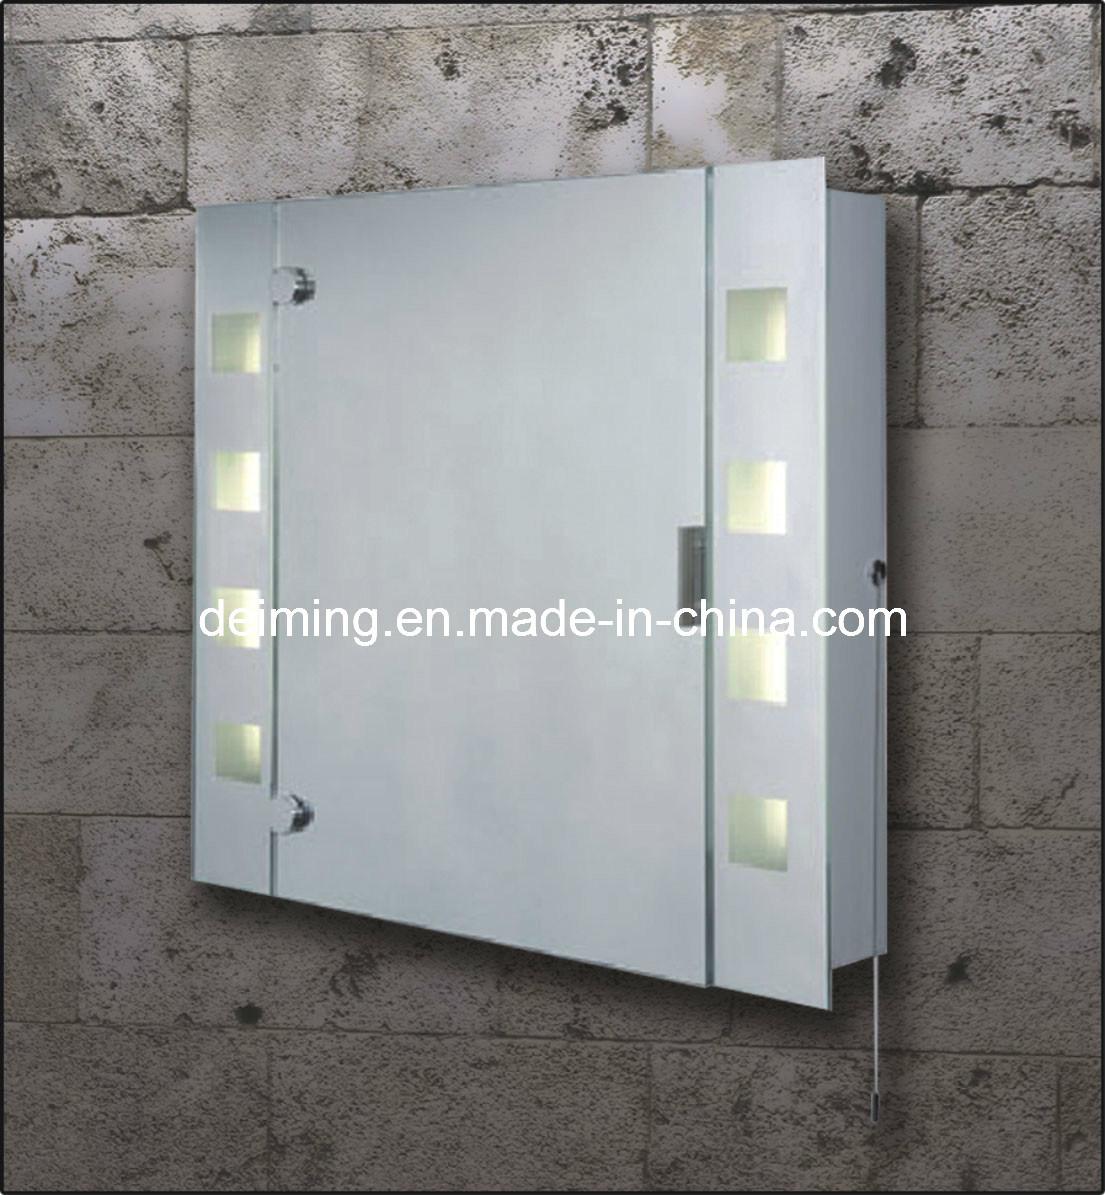 espelho do banheiro com luz/armário iluminado do espelho do banheiro #606E5D 1105x1195 Armario Banheiro De Embutir